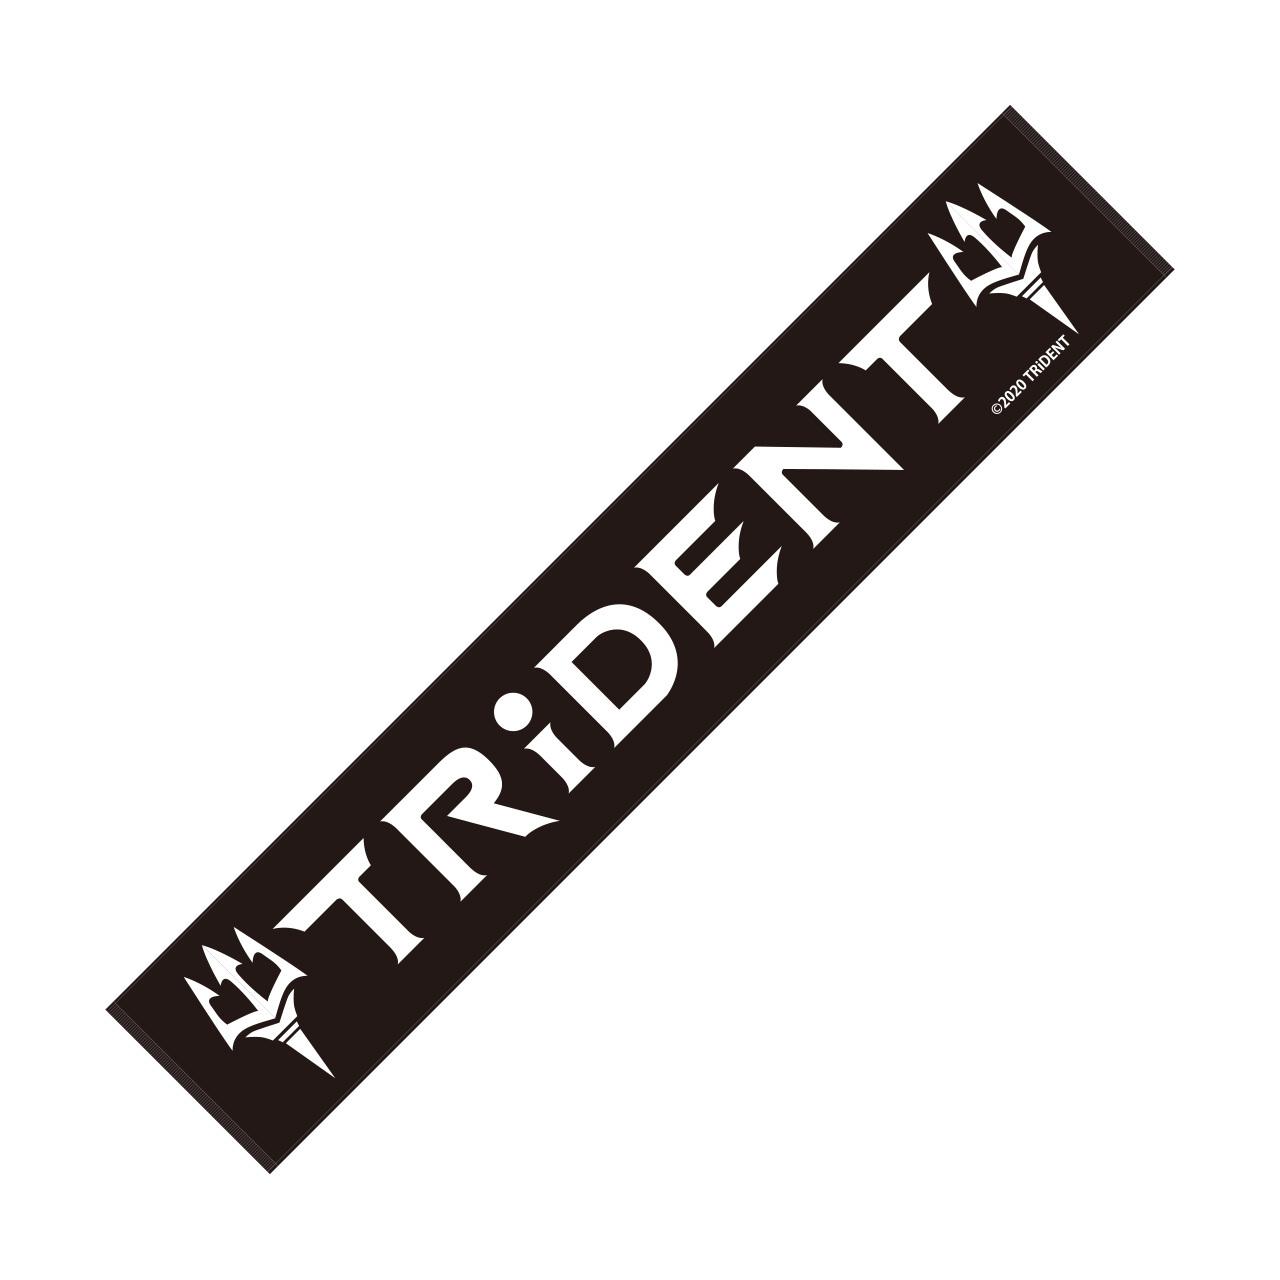 TRiDENT / マフラータオル ロゴ